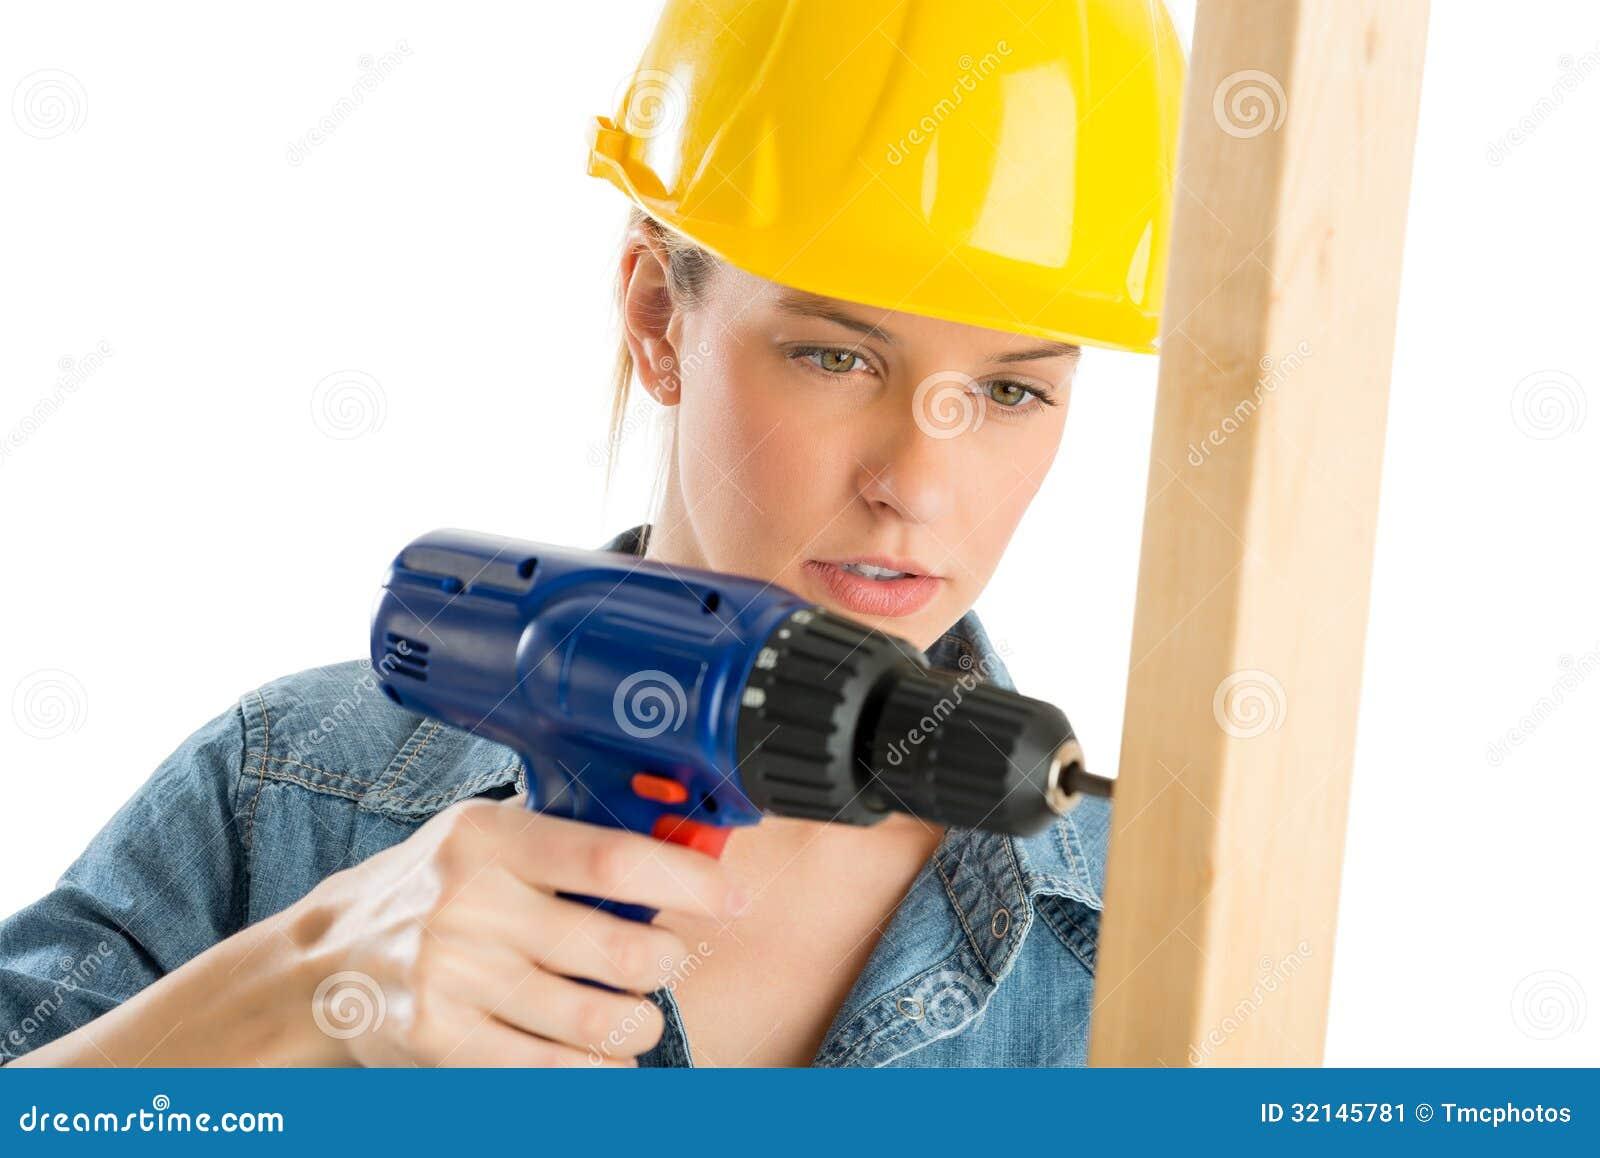 Trabajador de construcción Using Cordless Drill en tablón de madera